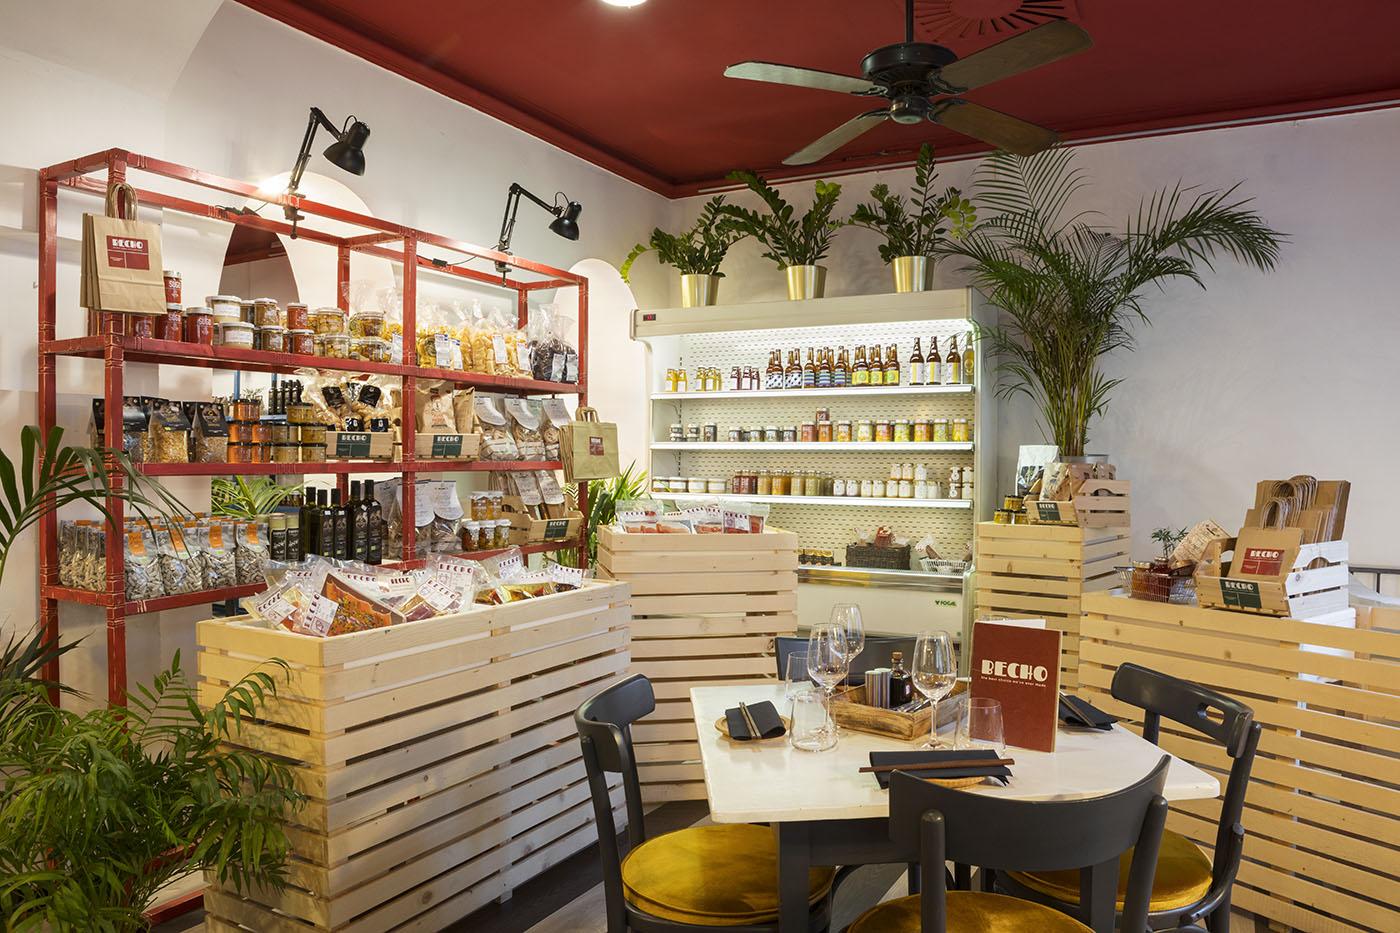 10_ristoranti_da_provare_a_novembre_becho-1